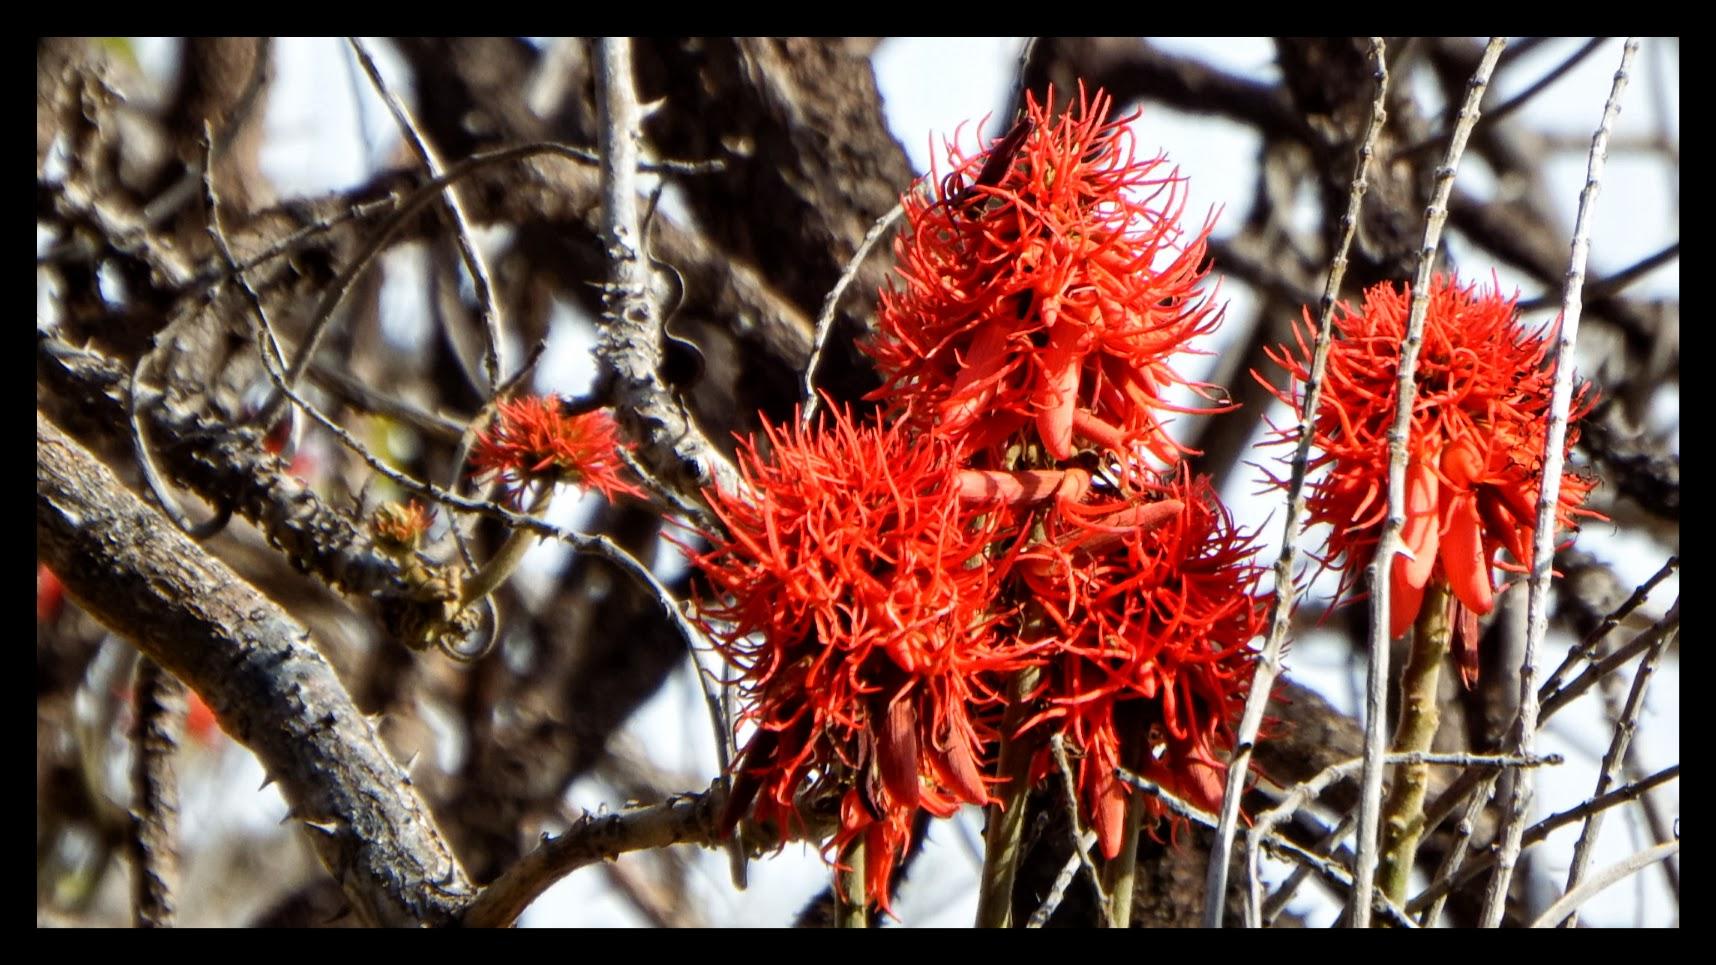 Erythrina abyssinica    Coralina-da-Abissínia • Red-hot poker tree  Árvore da África tropical • Tree from tropical Africa  foto de José Constantino no Parque de Santa Catarina